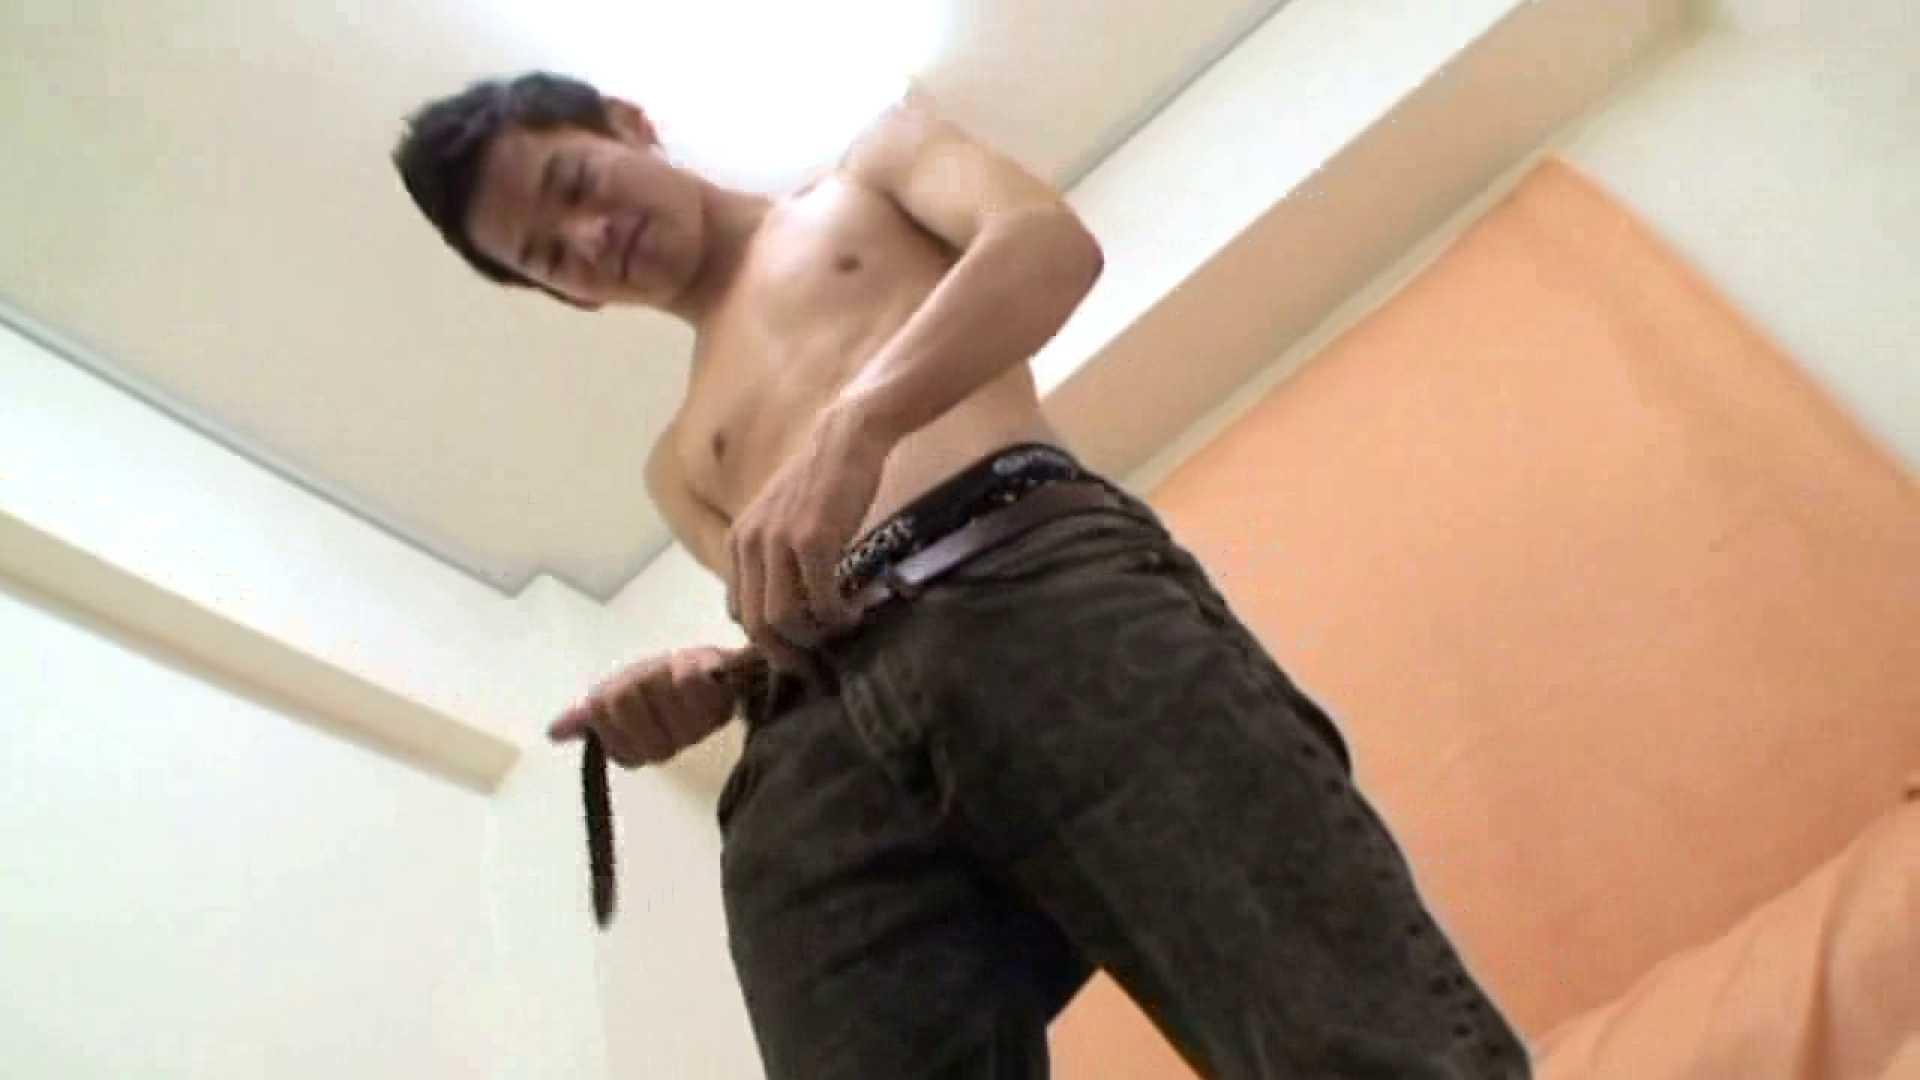 ノンケ!自慰スタジオ No.35 無修正 ゲイセックス画像 55pic 27